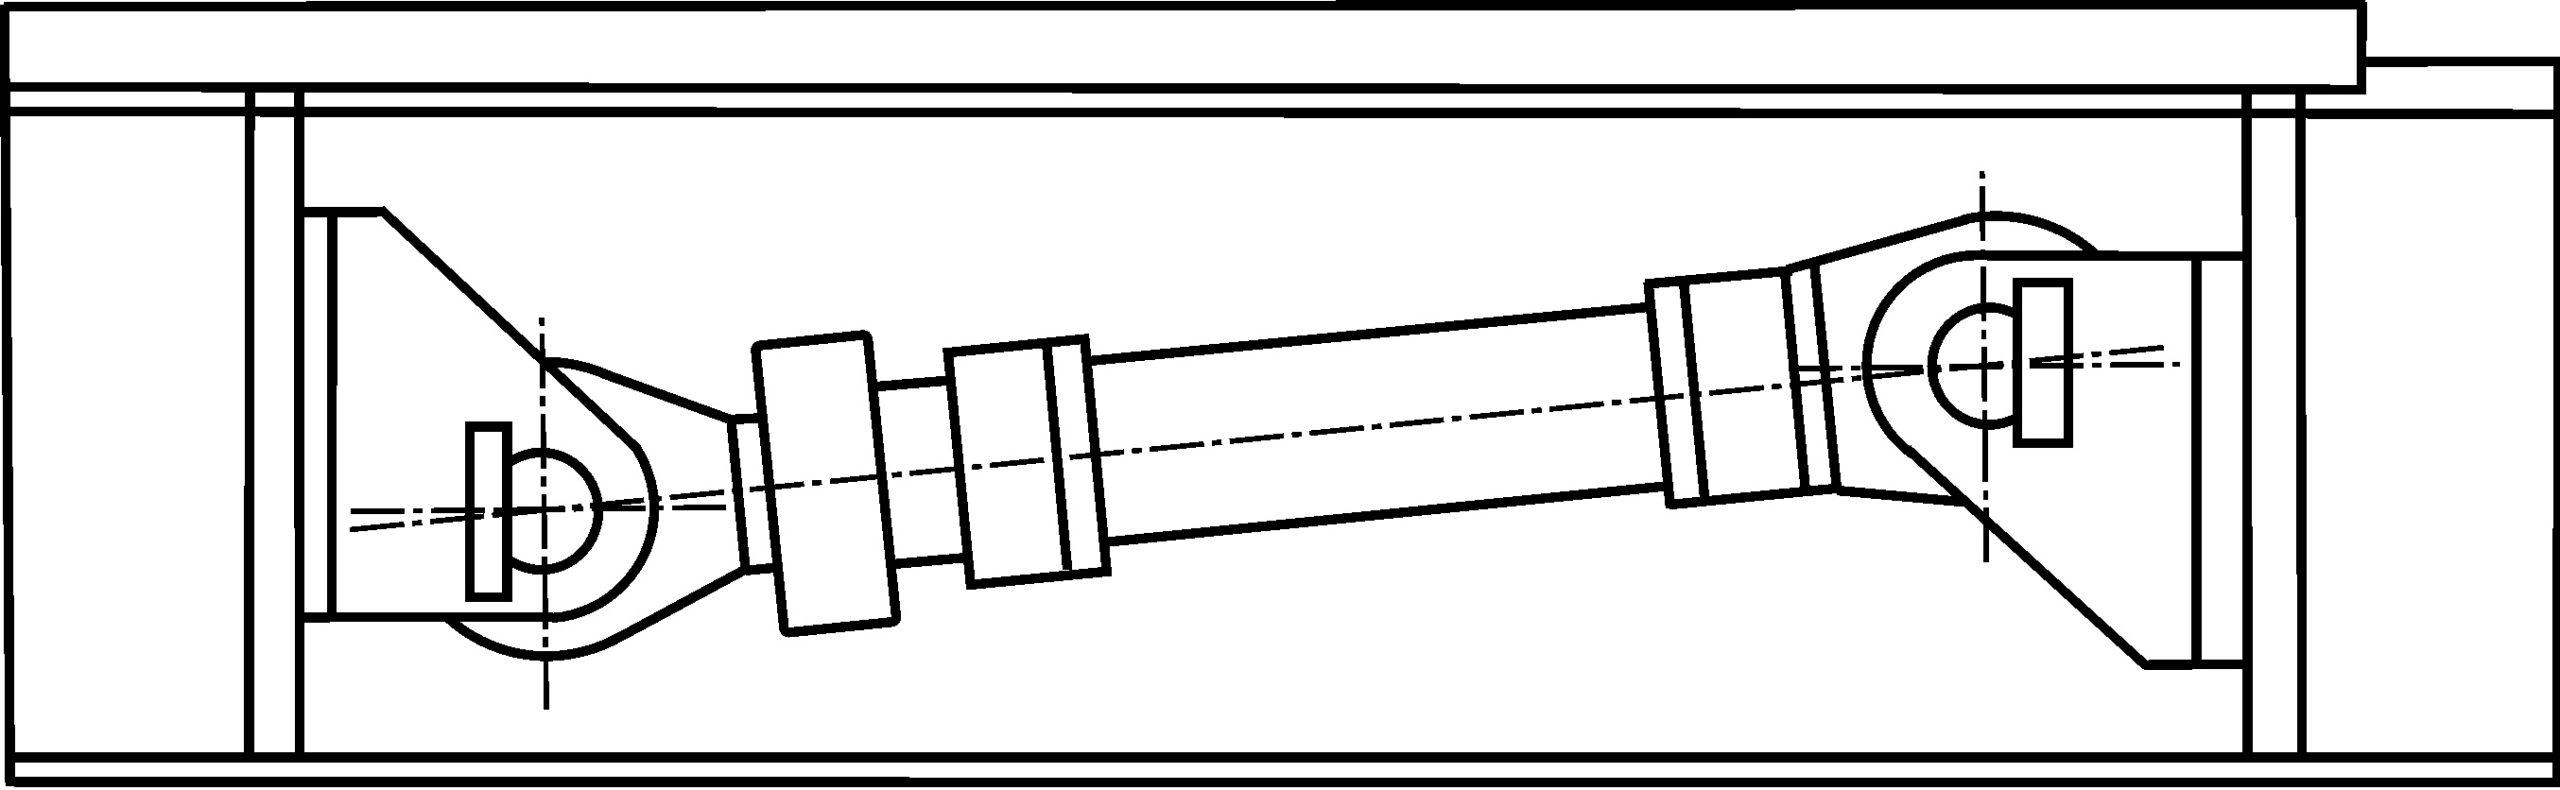 Рисунок 3 – Гидроцилиндр горизонтального перемещения